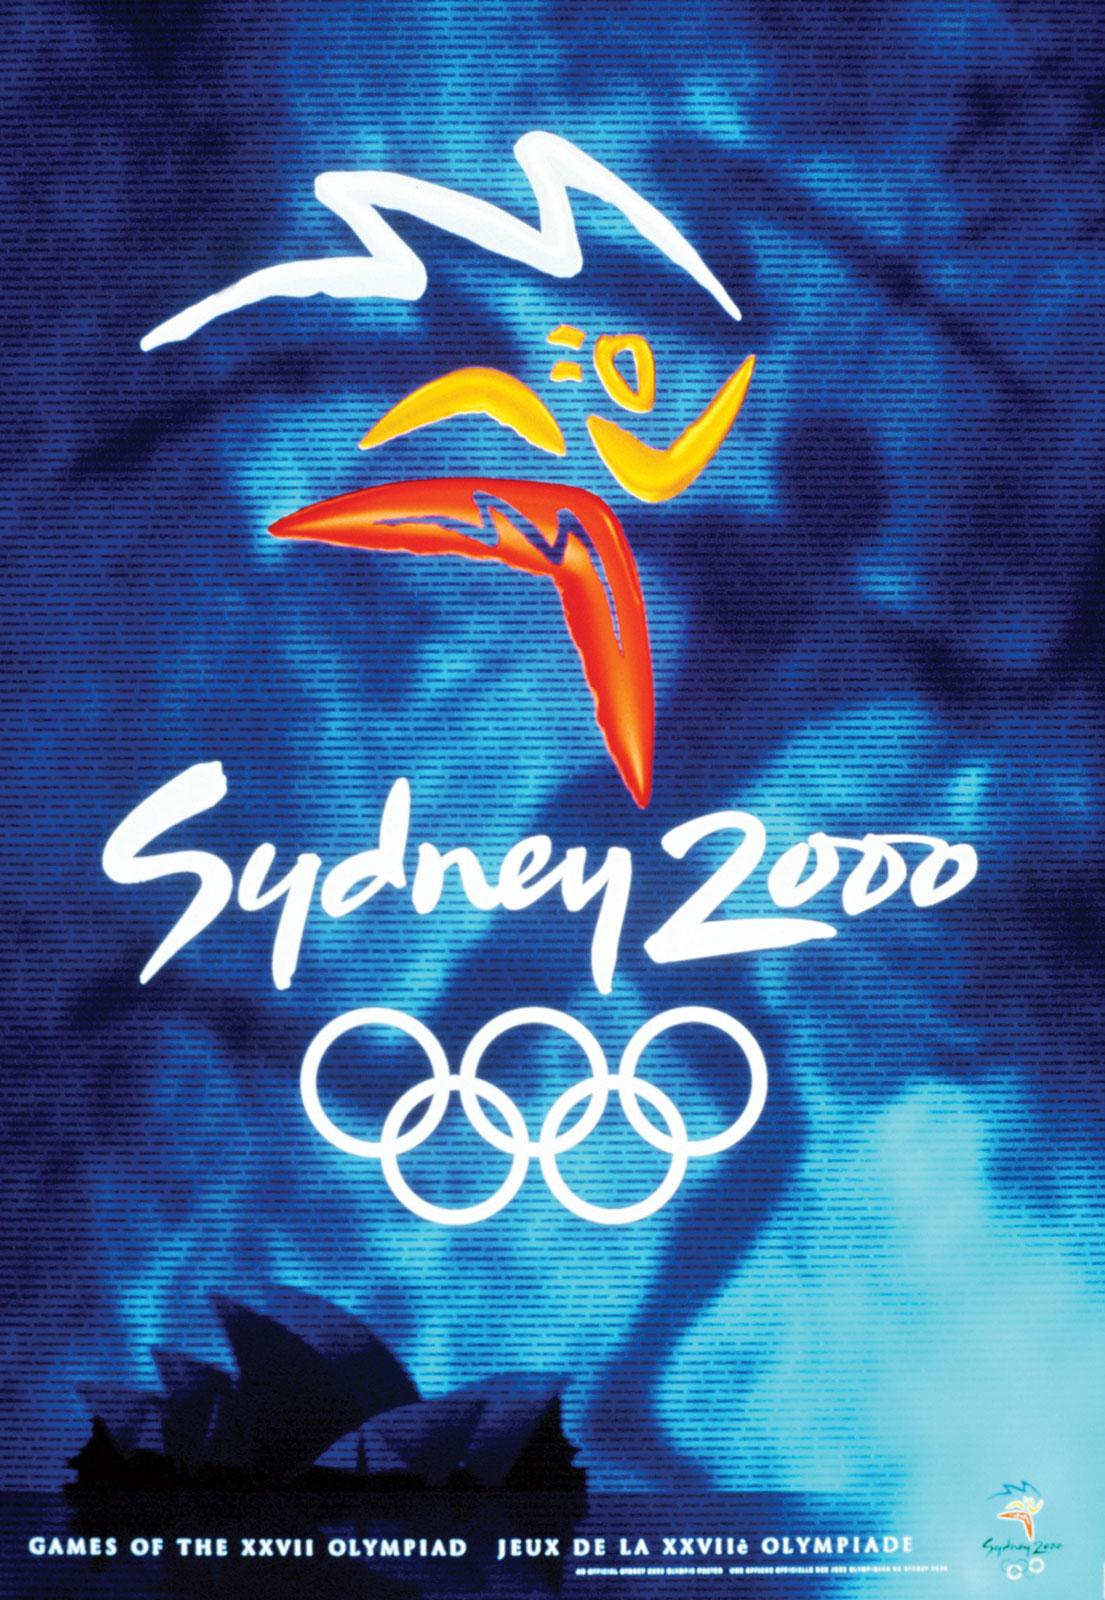 JUEGOS OLIMPICOS 2000 SIDNEY